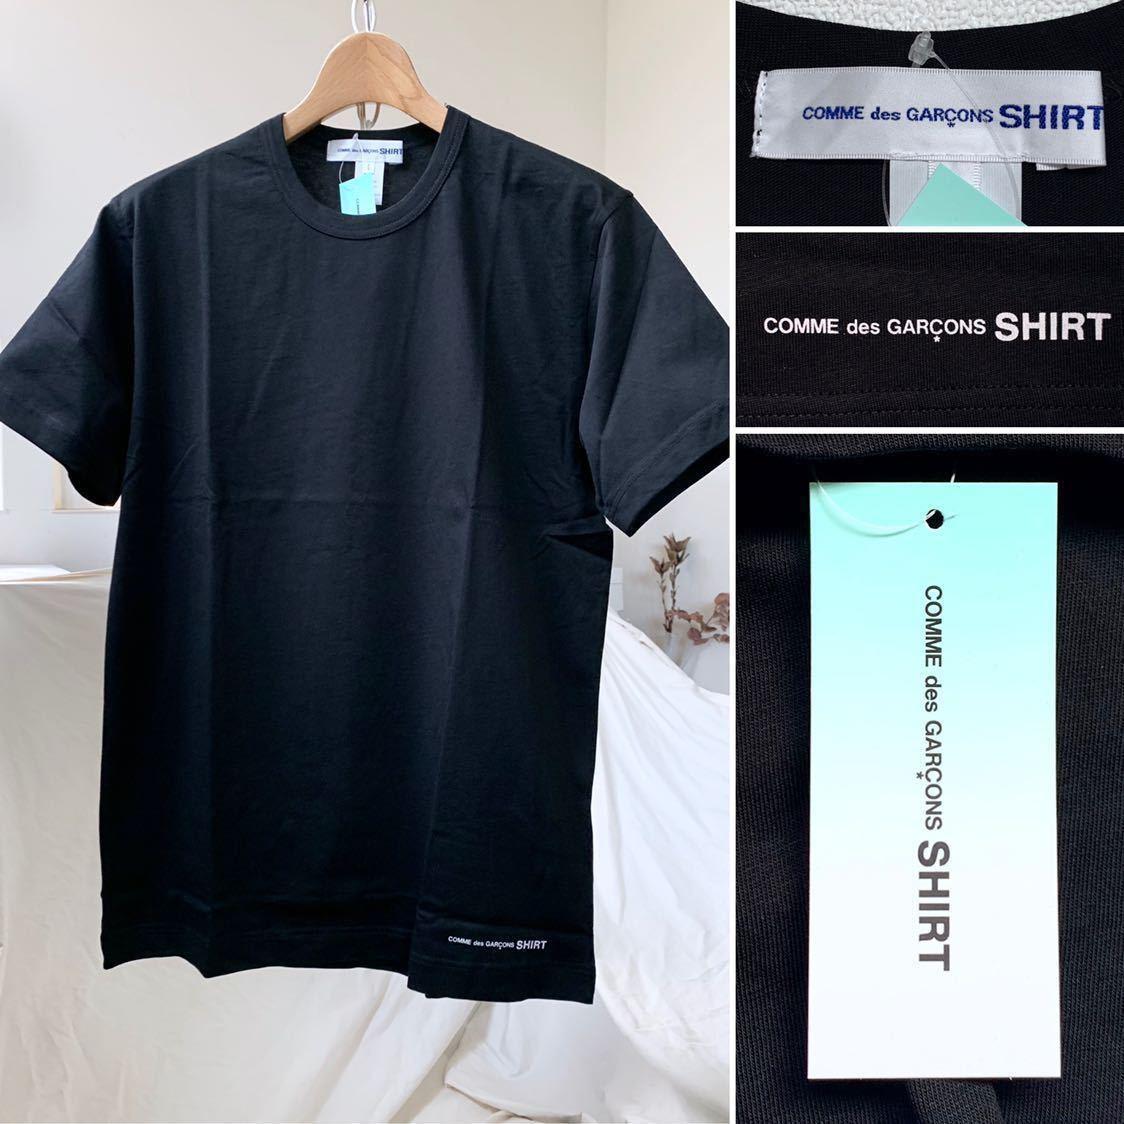 新作 2019AW コムデギャルソンシャツ 裾 ロゴ 半袖 Tシャツ M 黒 ブラック Comme des Garcons Shirt W27111 メンズ 新品 2019FW